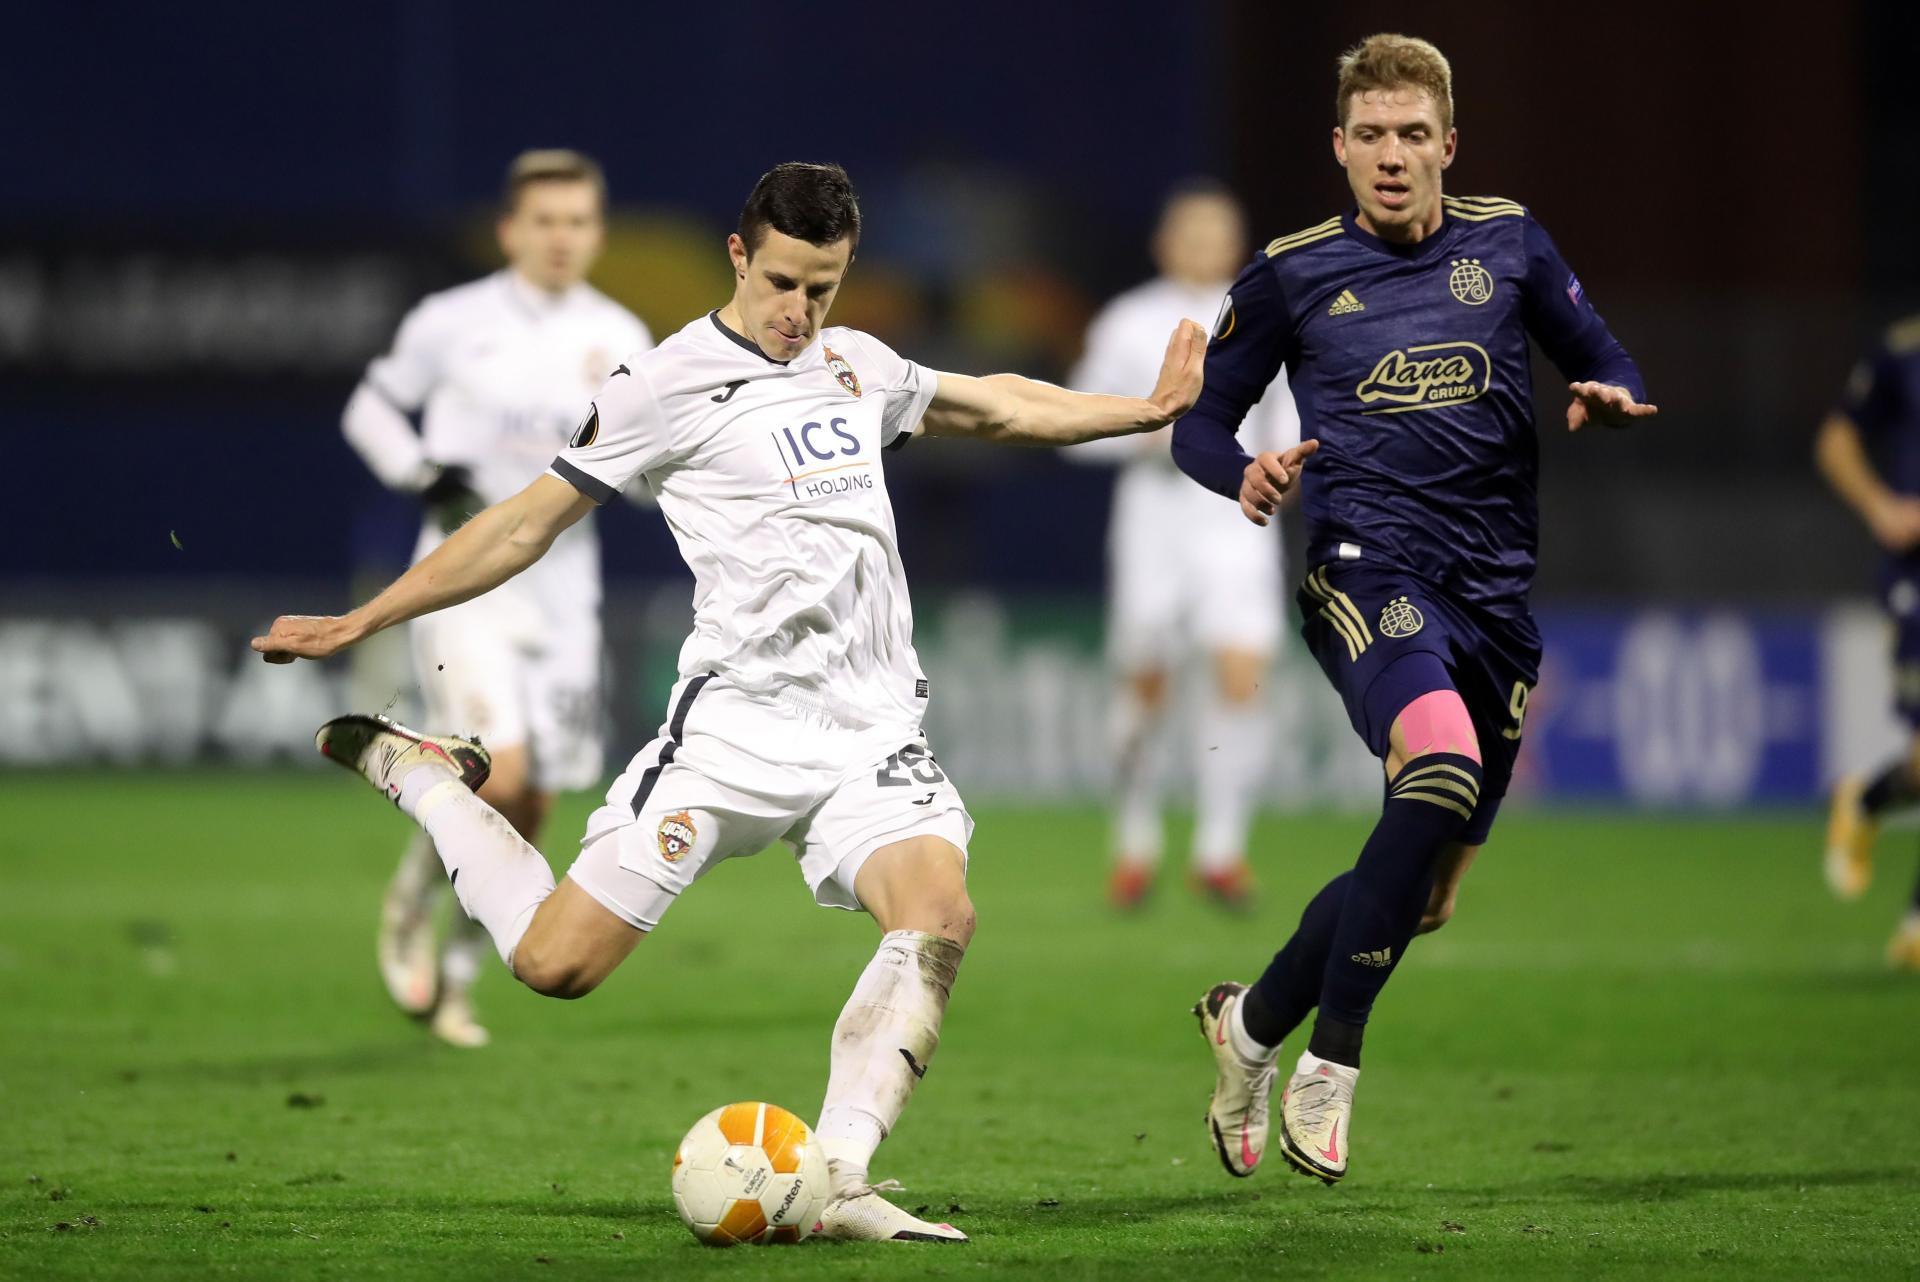 Dinamo dobio najtežeg suparnika u 2. pretkolu Lige prvaka